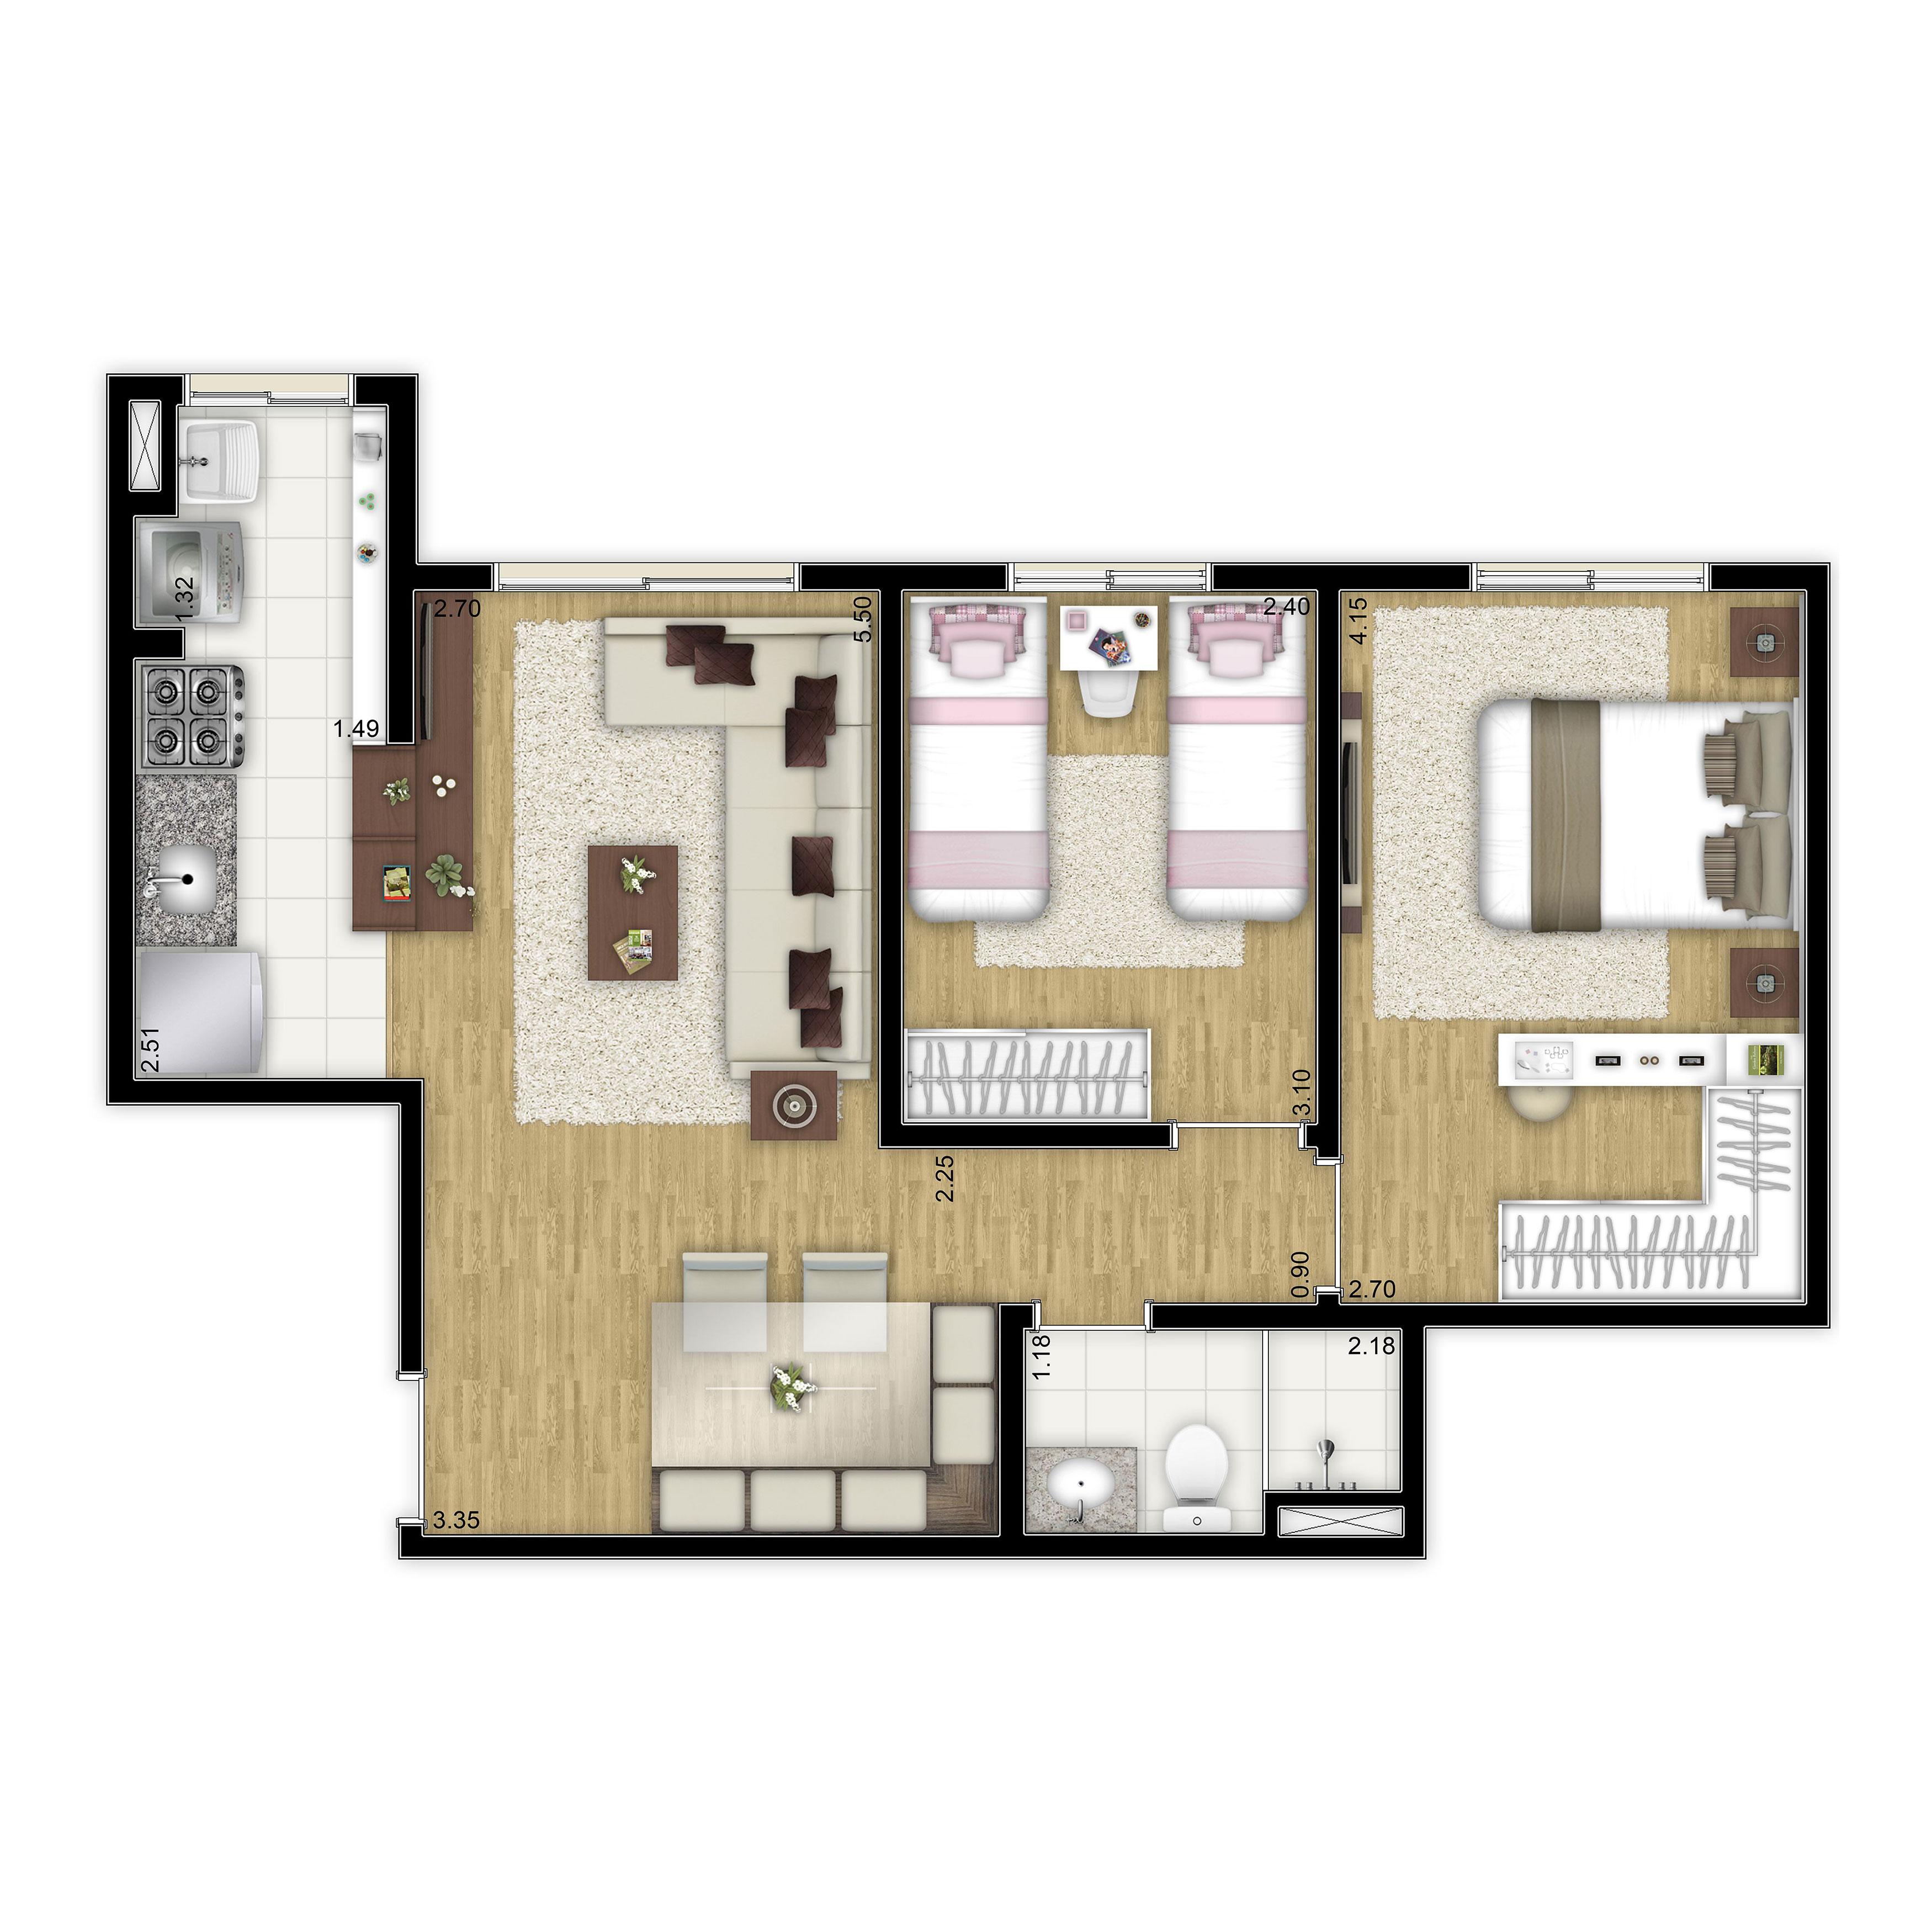 52 m² - 2 dorms - Apto tipo